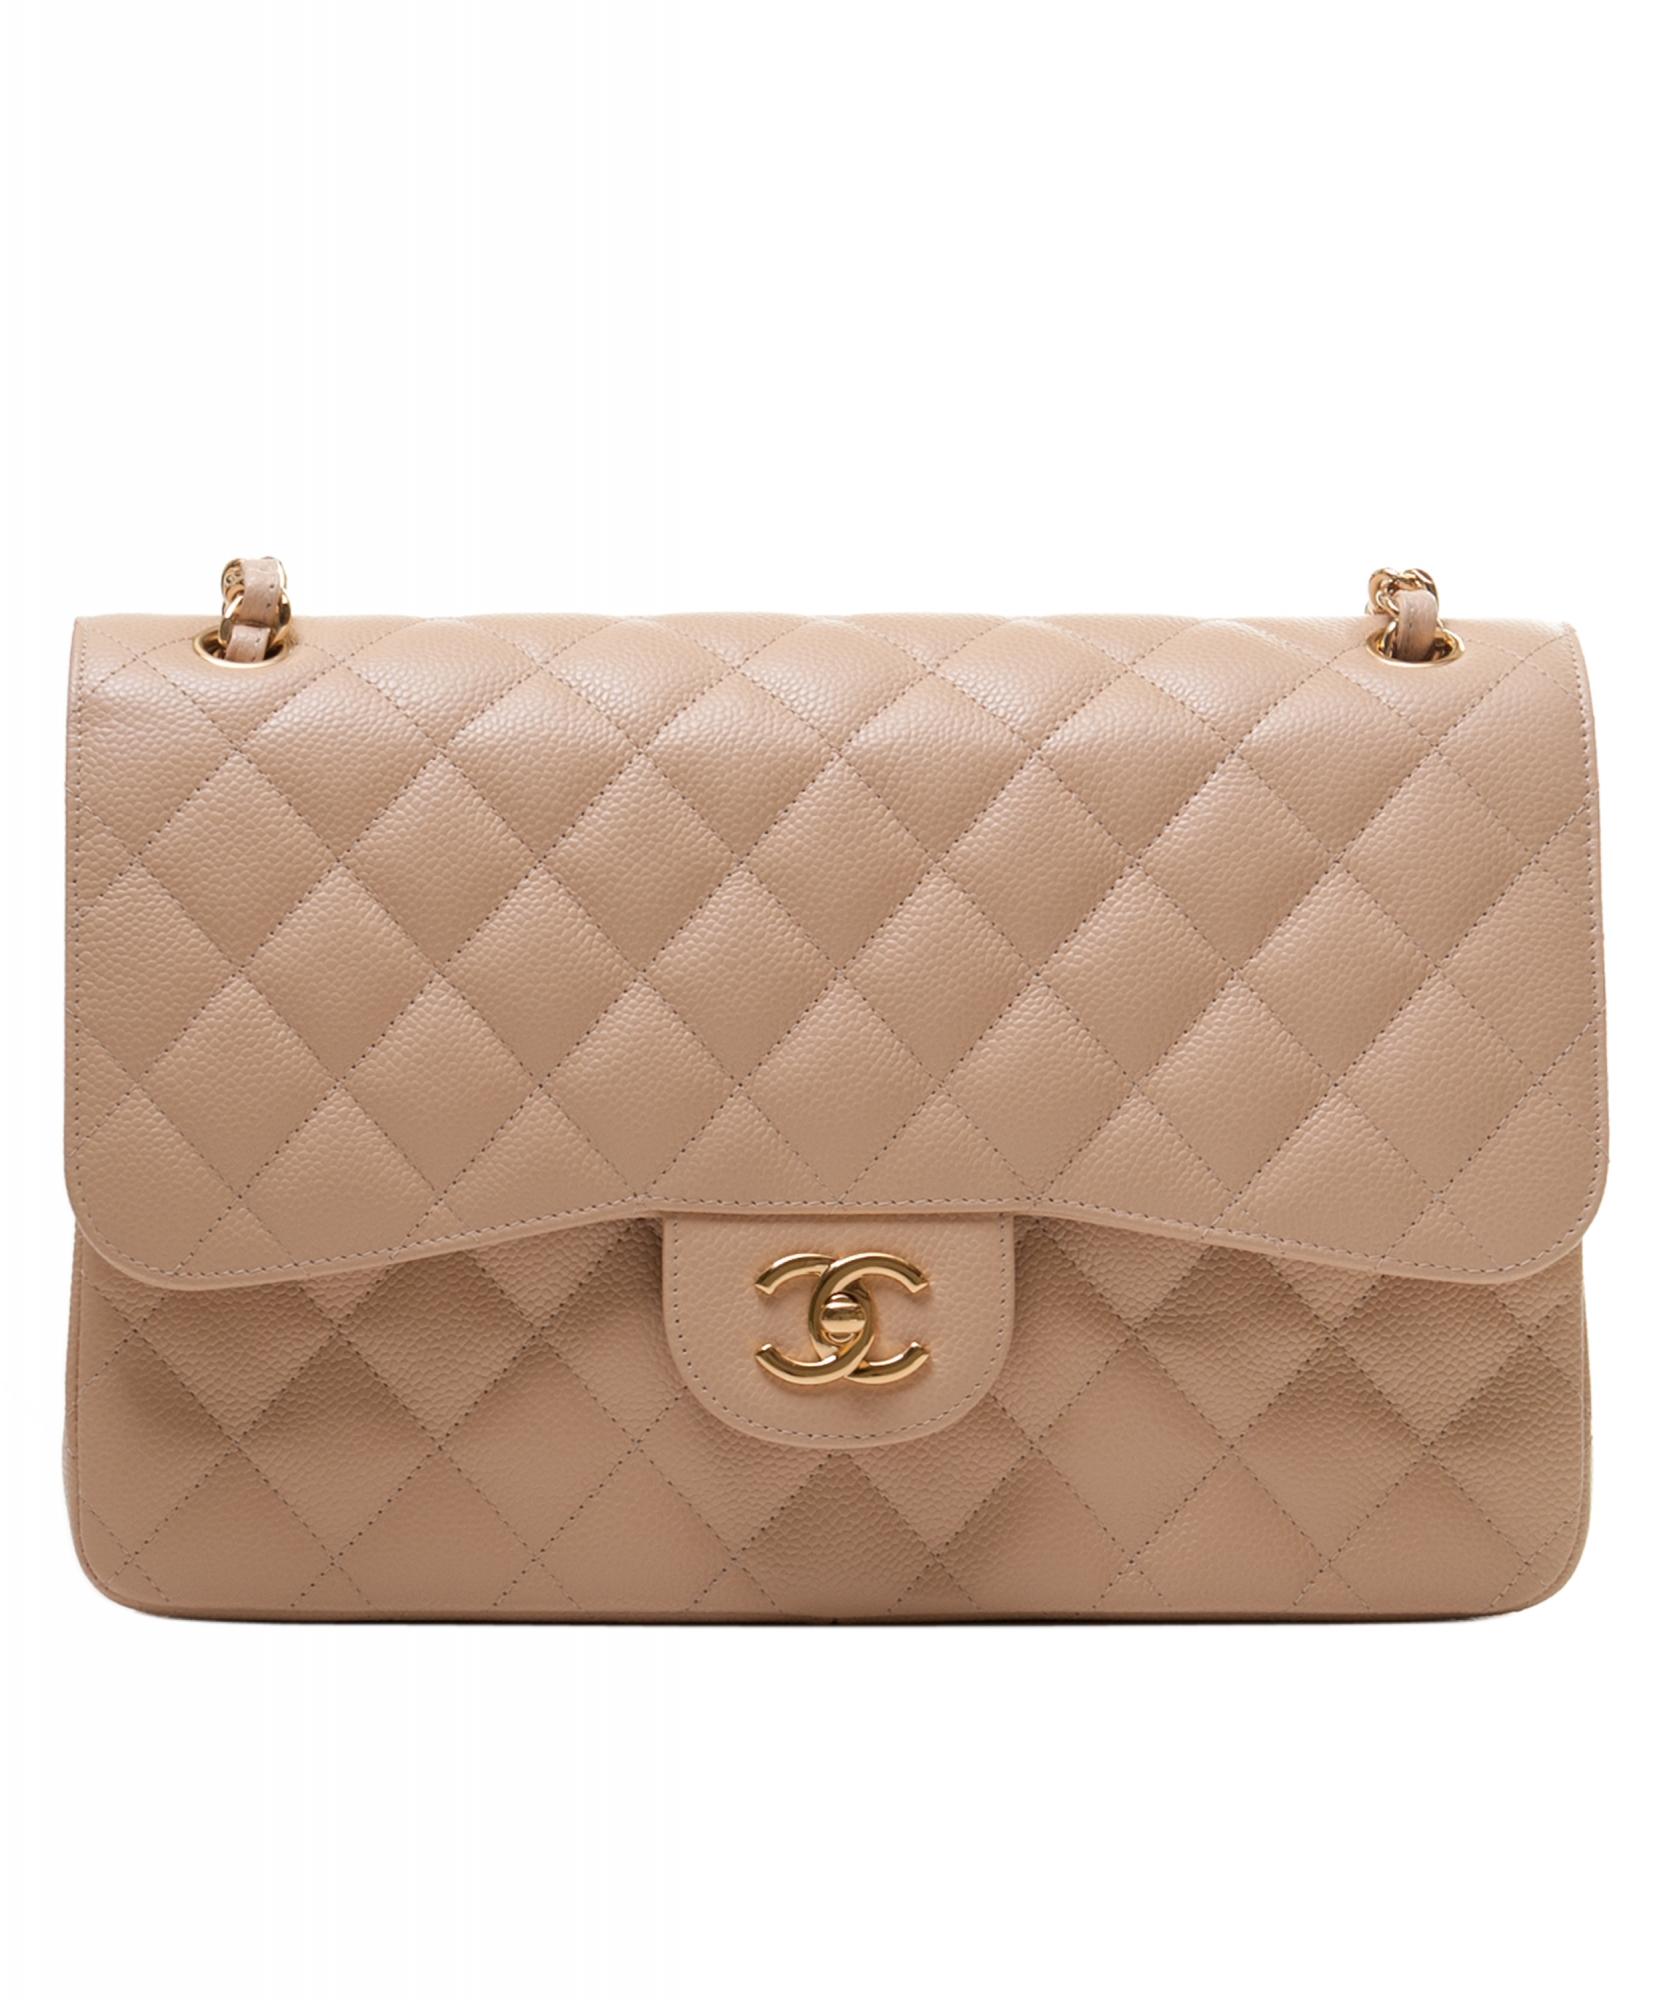 04ca57c37e71f3 Chanel Jumbo Beige Caviar 2.55 Classic Flap Bag | La Doyenne